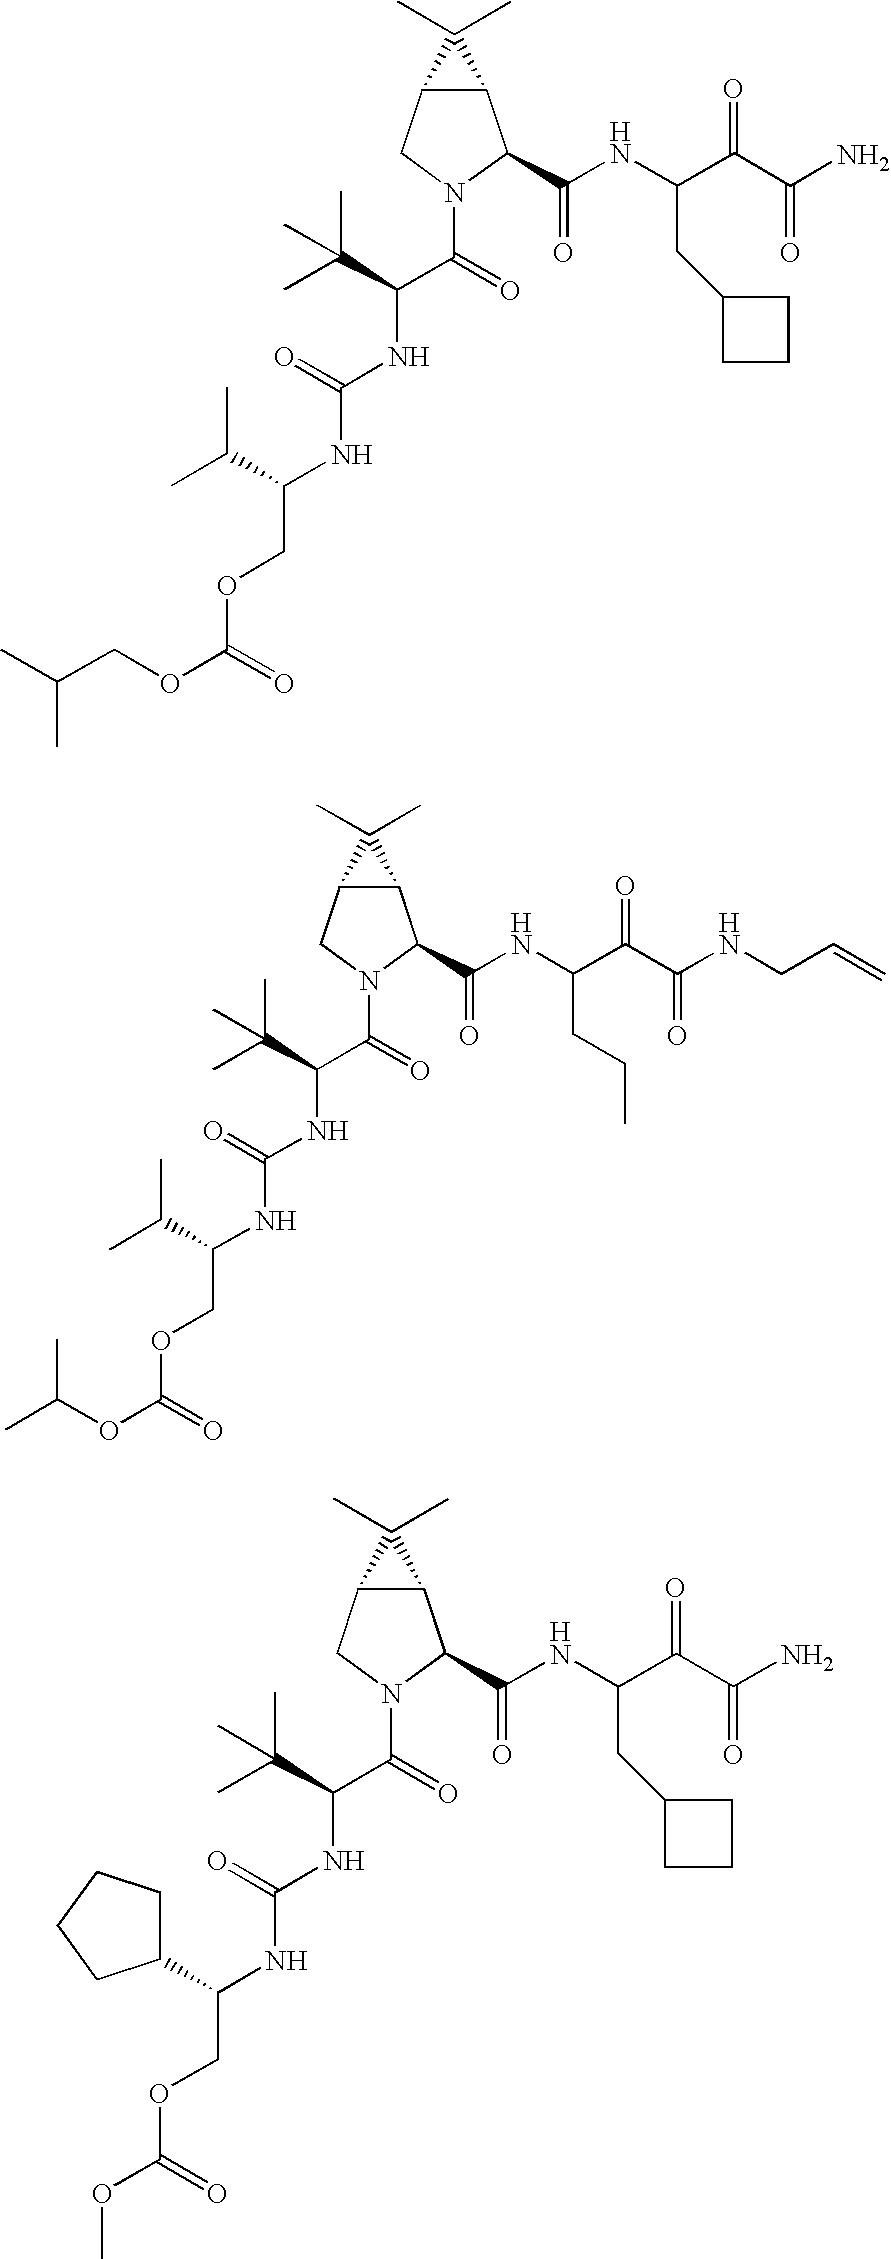 Figure US20060287248A1-20061221-C00362